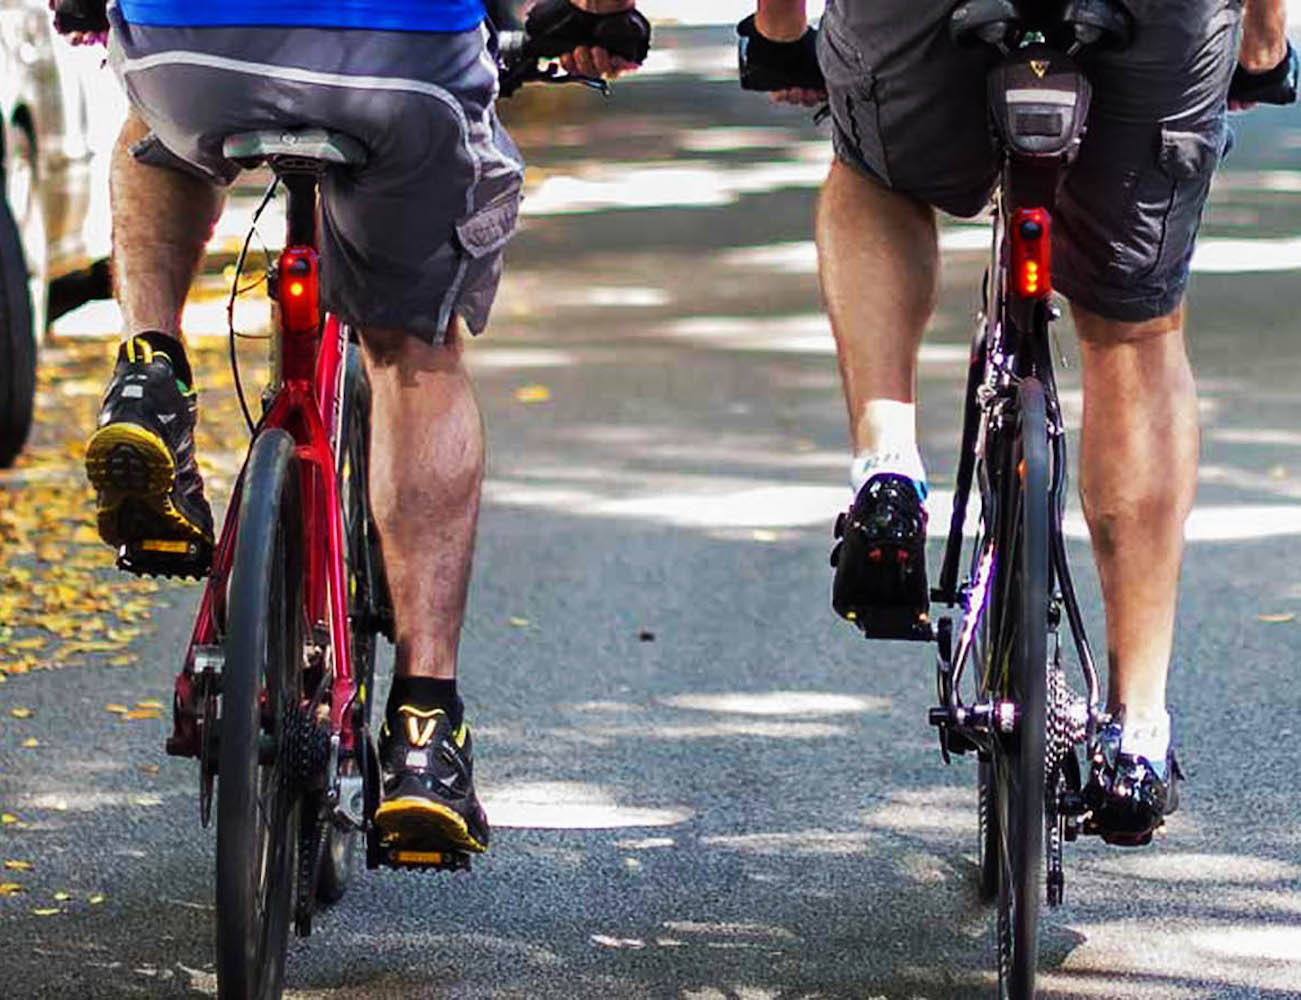 cycliq-fly-6-cycling-camera-and-rear-light-2